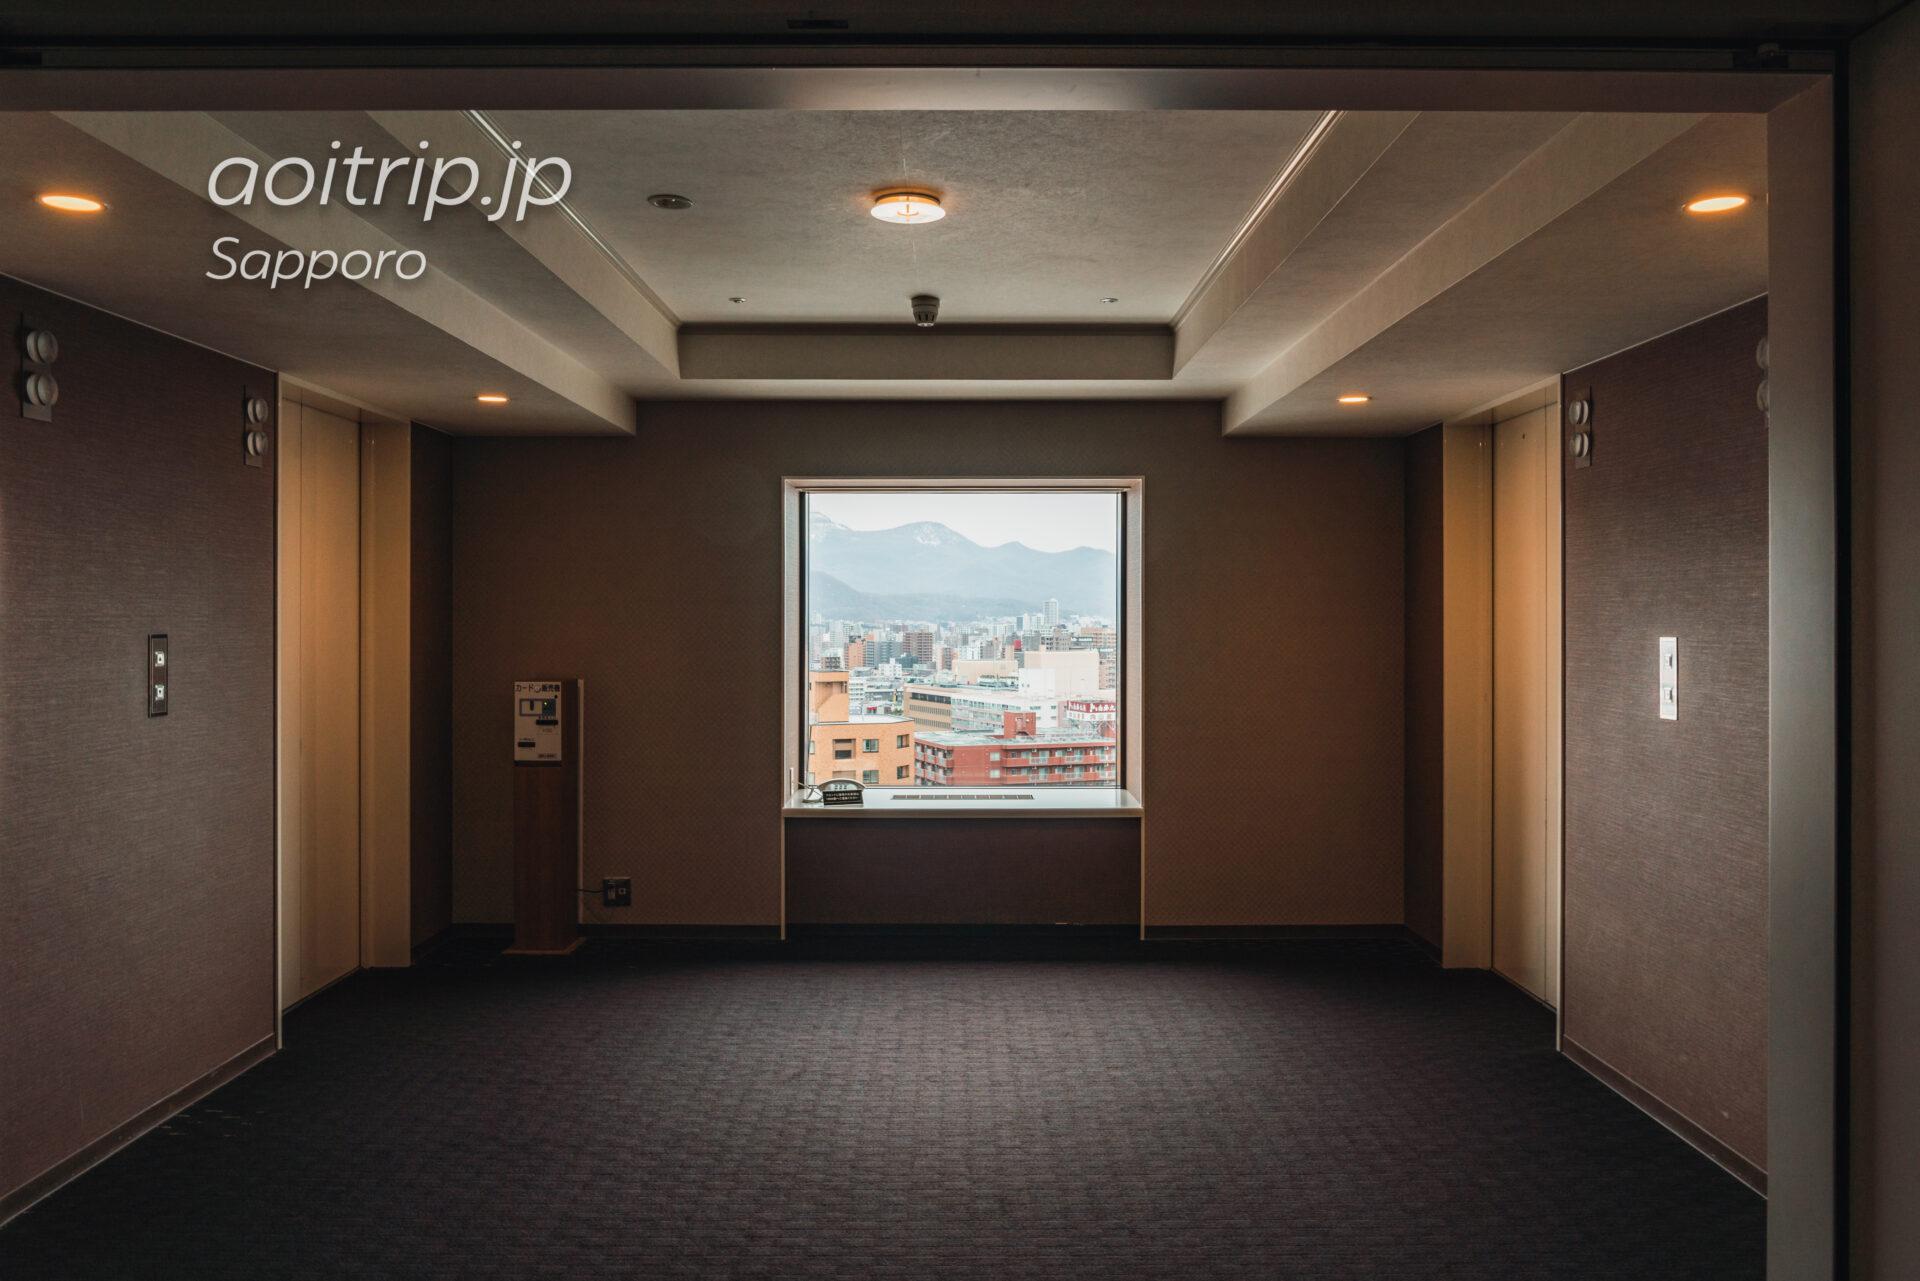 プレミアホテル札幌中島公園 エレベーターホール